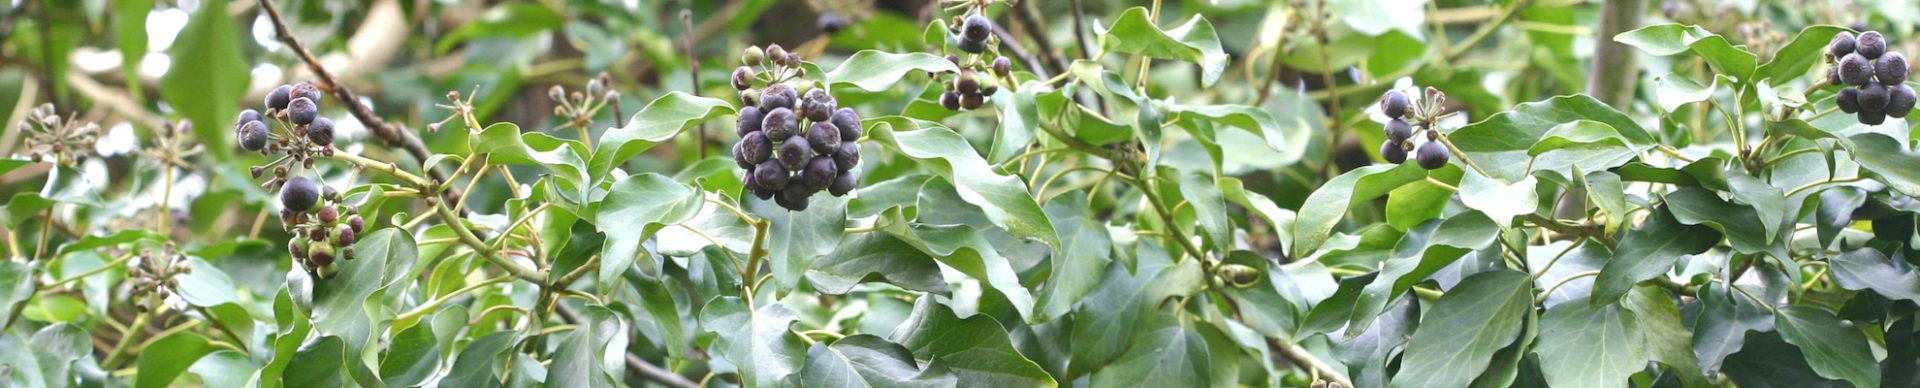 Efeu ist giftig und wird denmnoch in der Naturheilkunde und der Medizin eingesetzt.